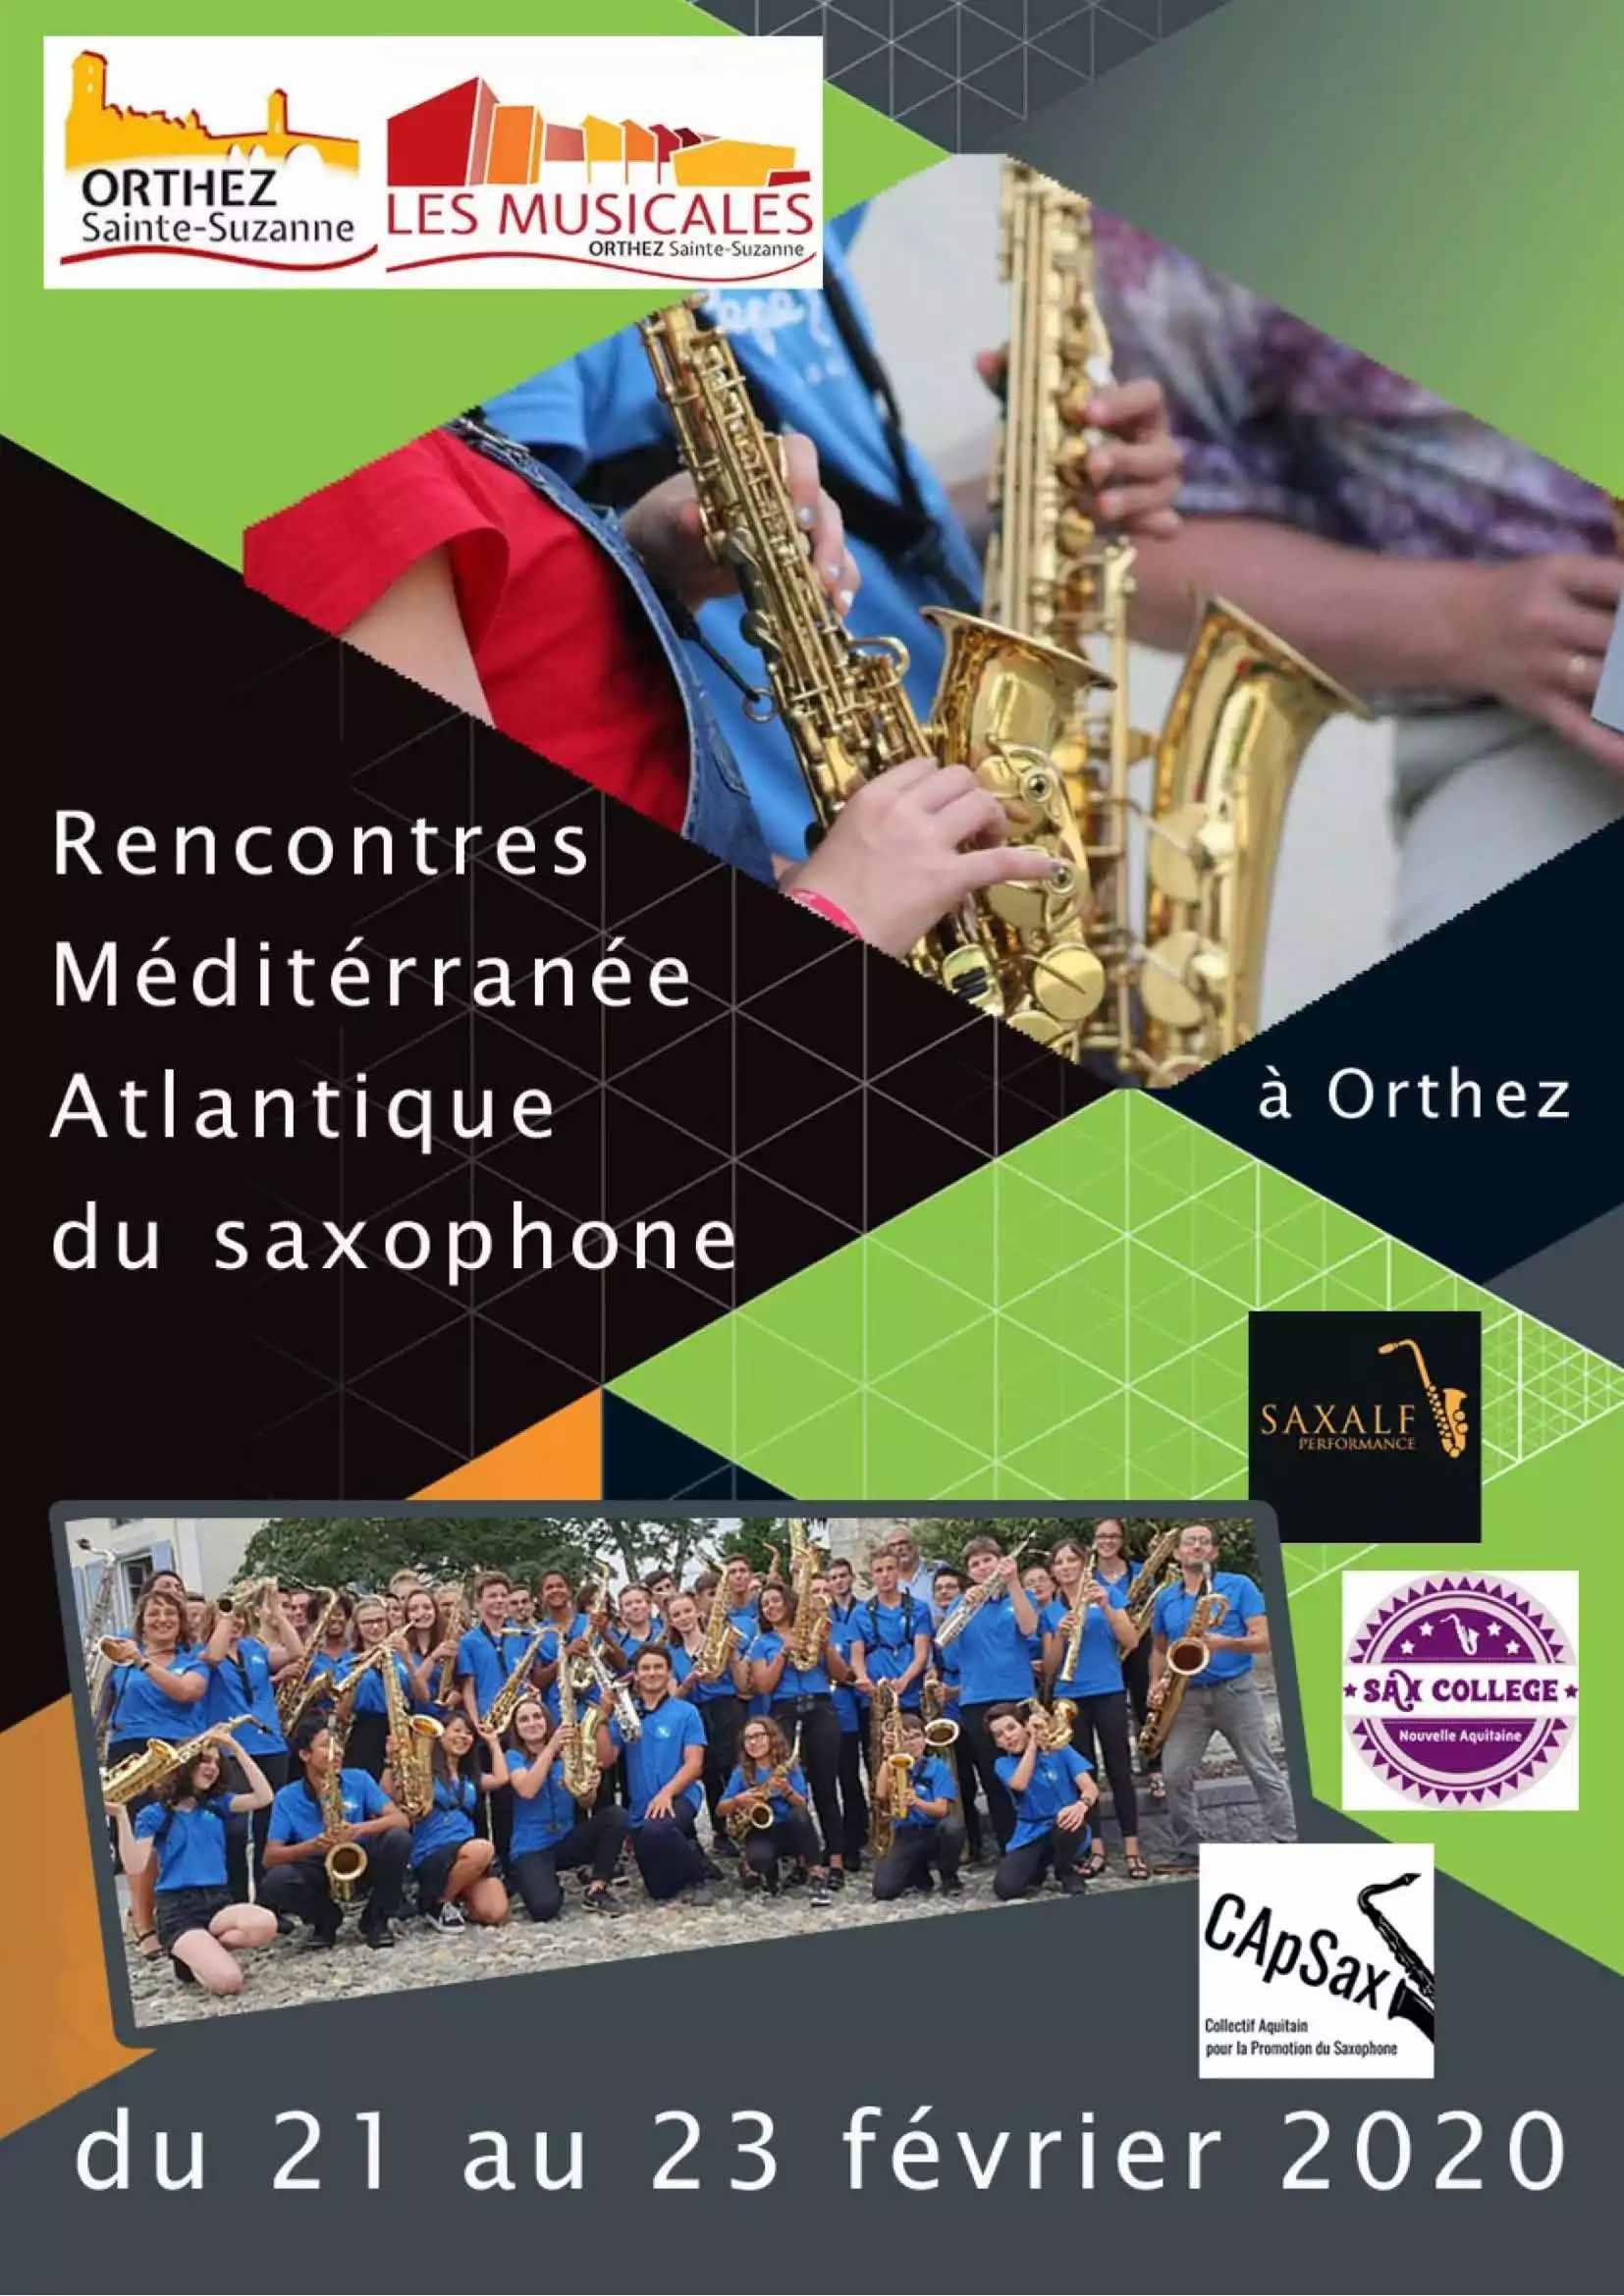 Rencontres Méditerranée Atlantique du Saxophone - ORTHEZ